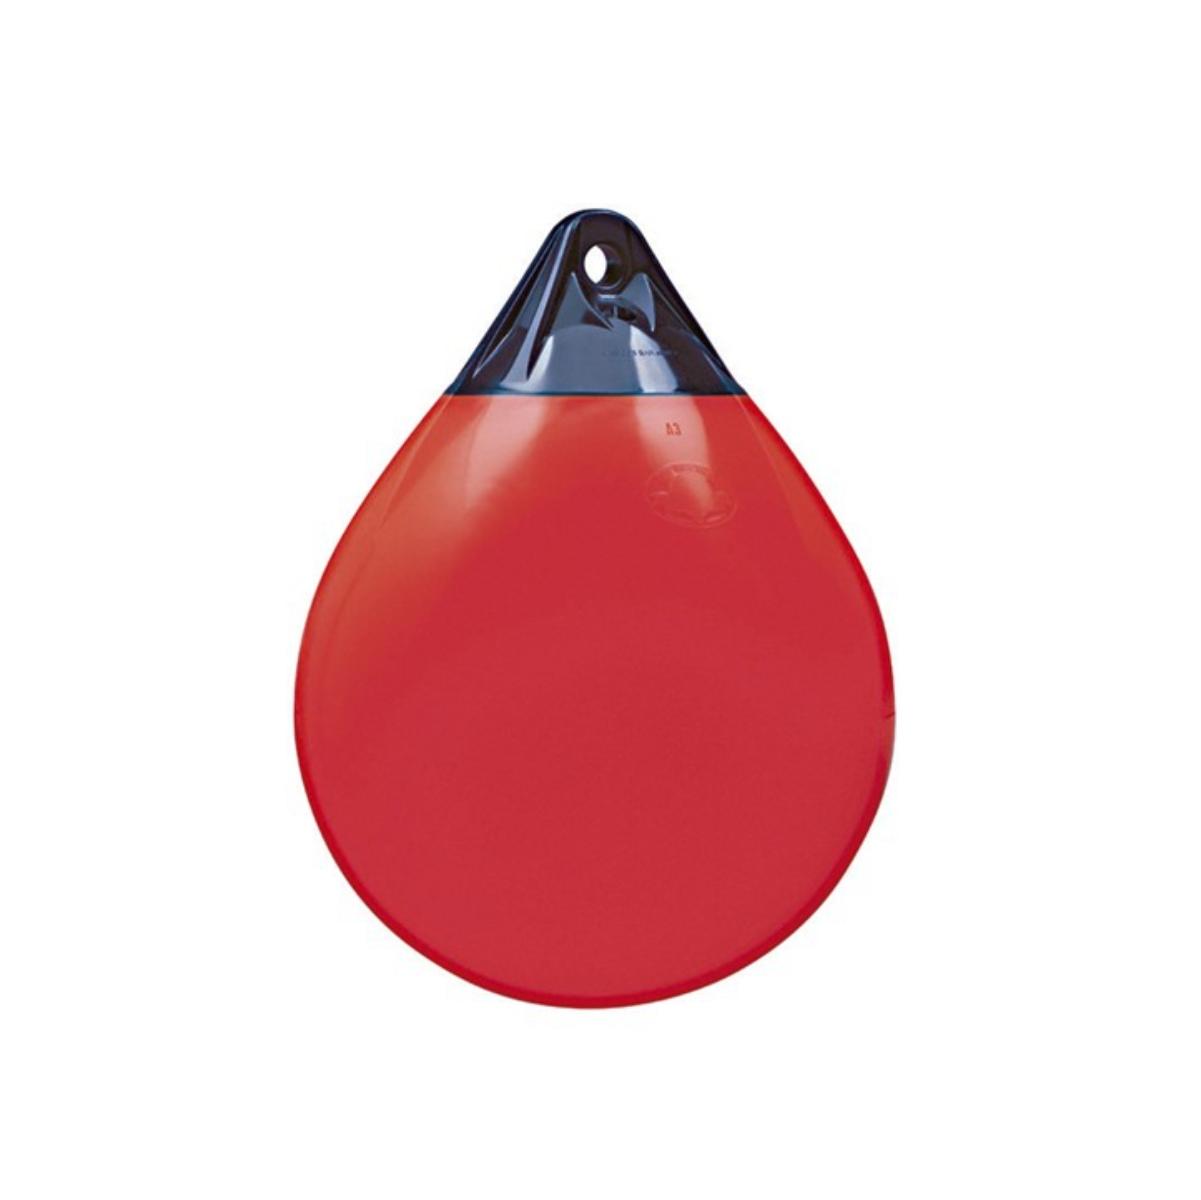 One-eye spherical fenders